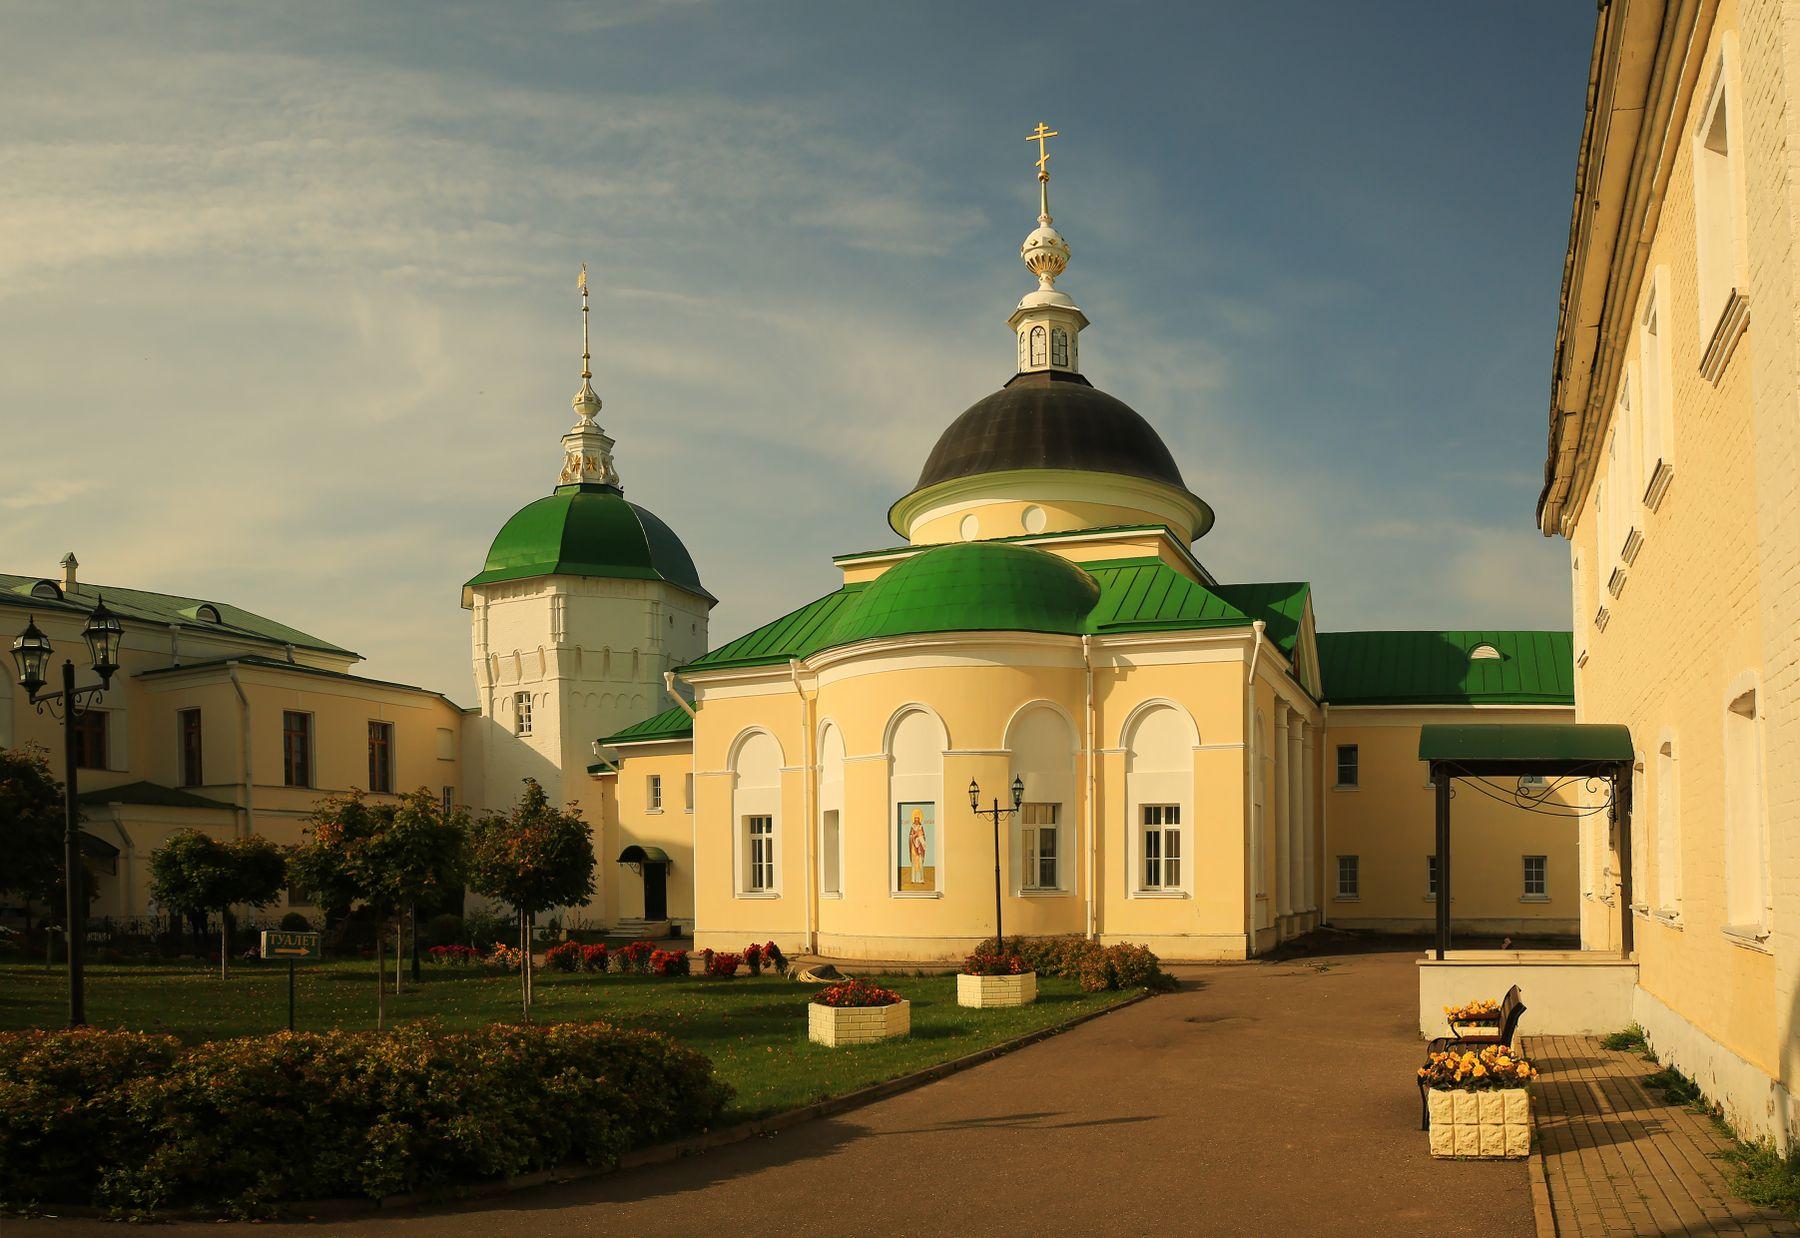 Утро в Пешношском монастыре Пешношский монастырь